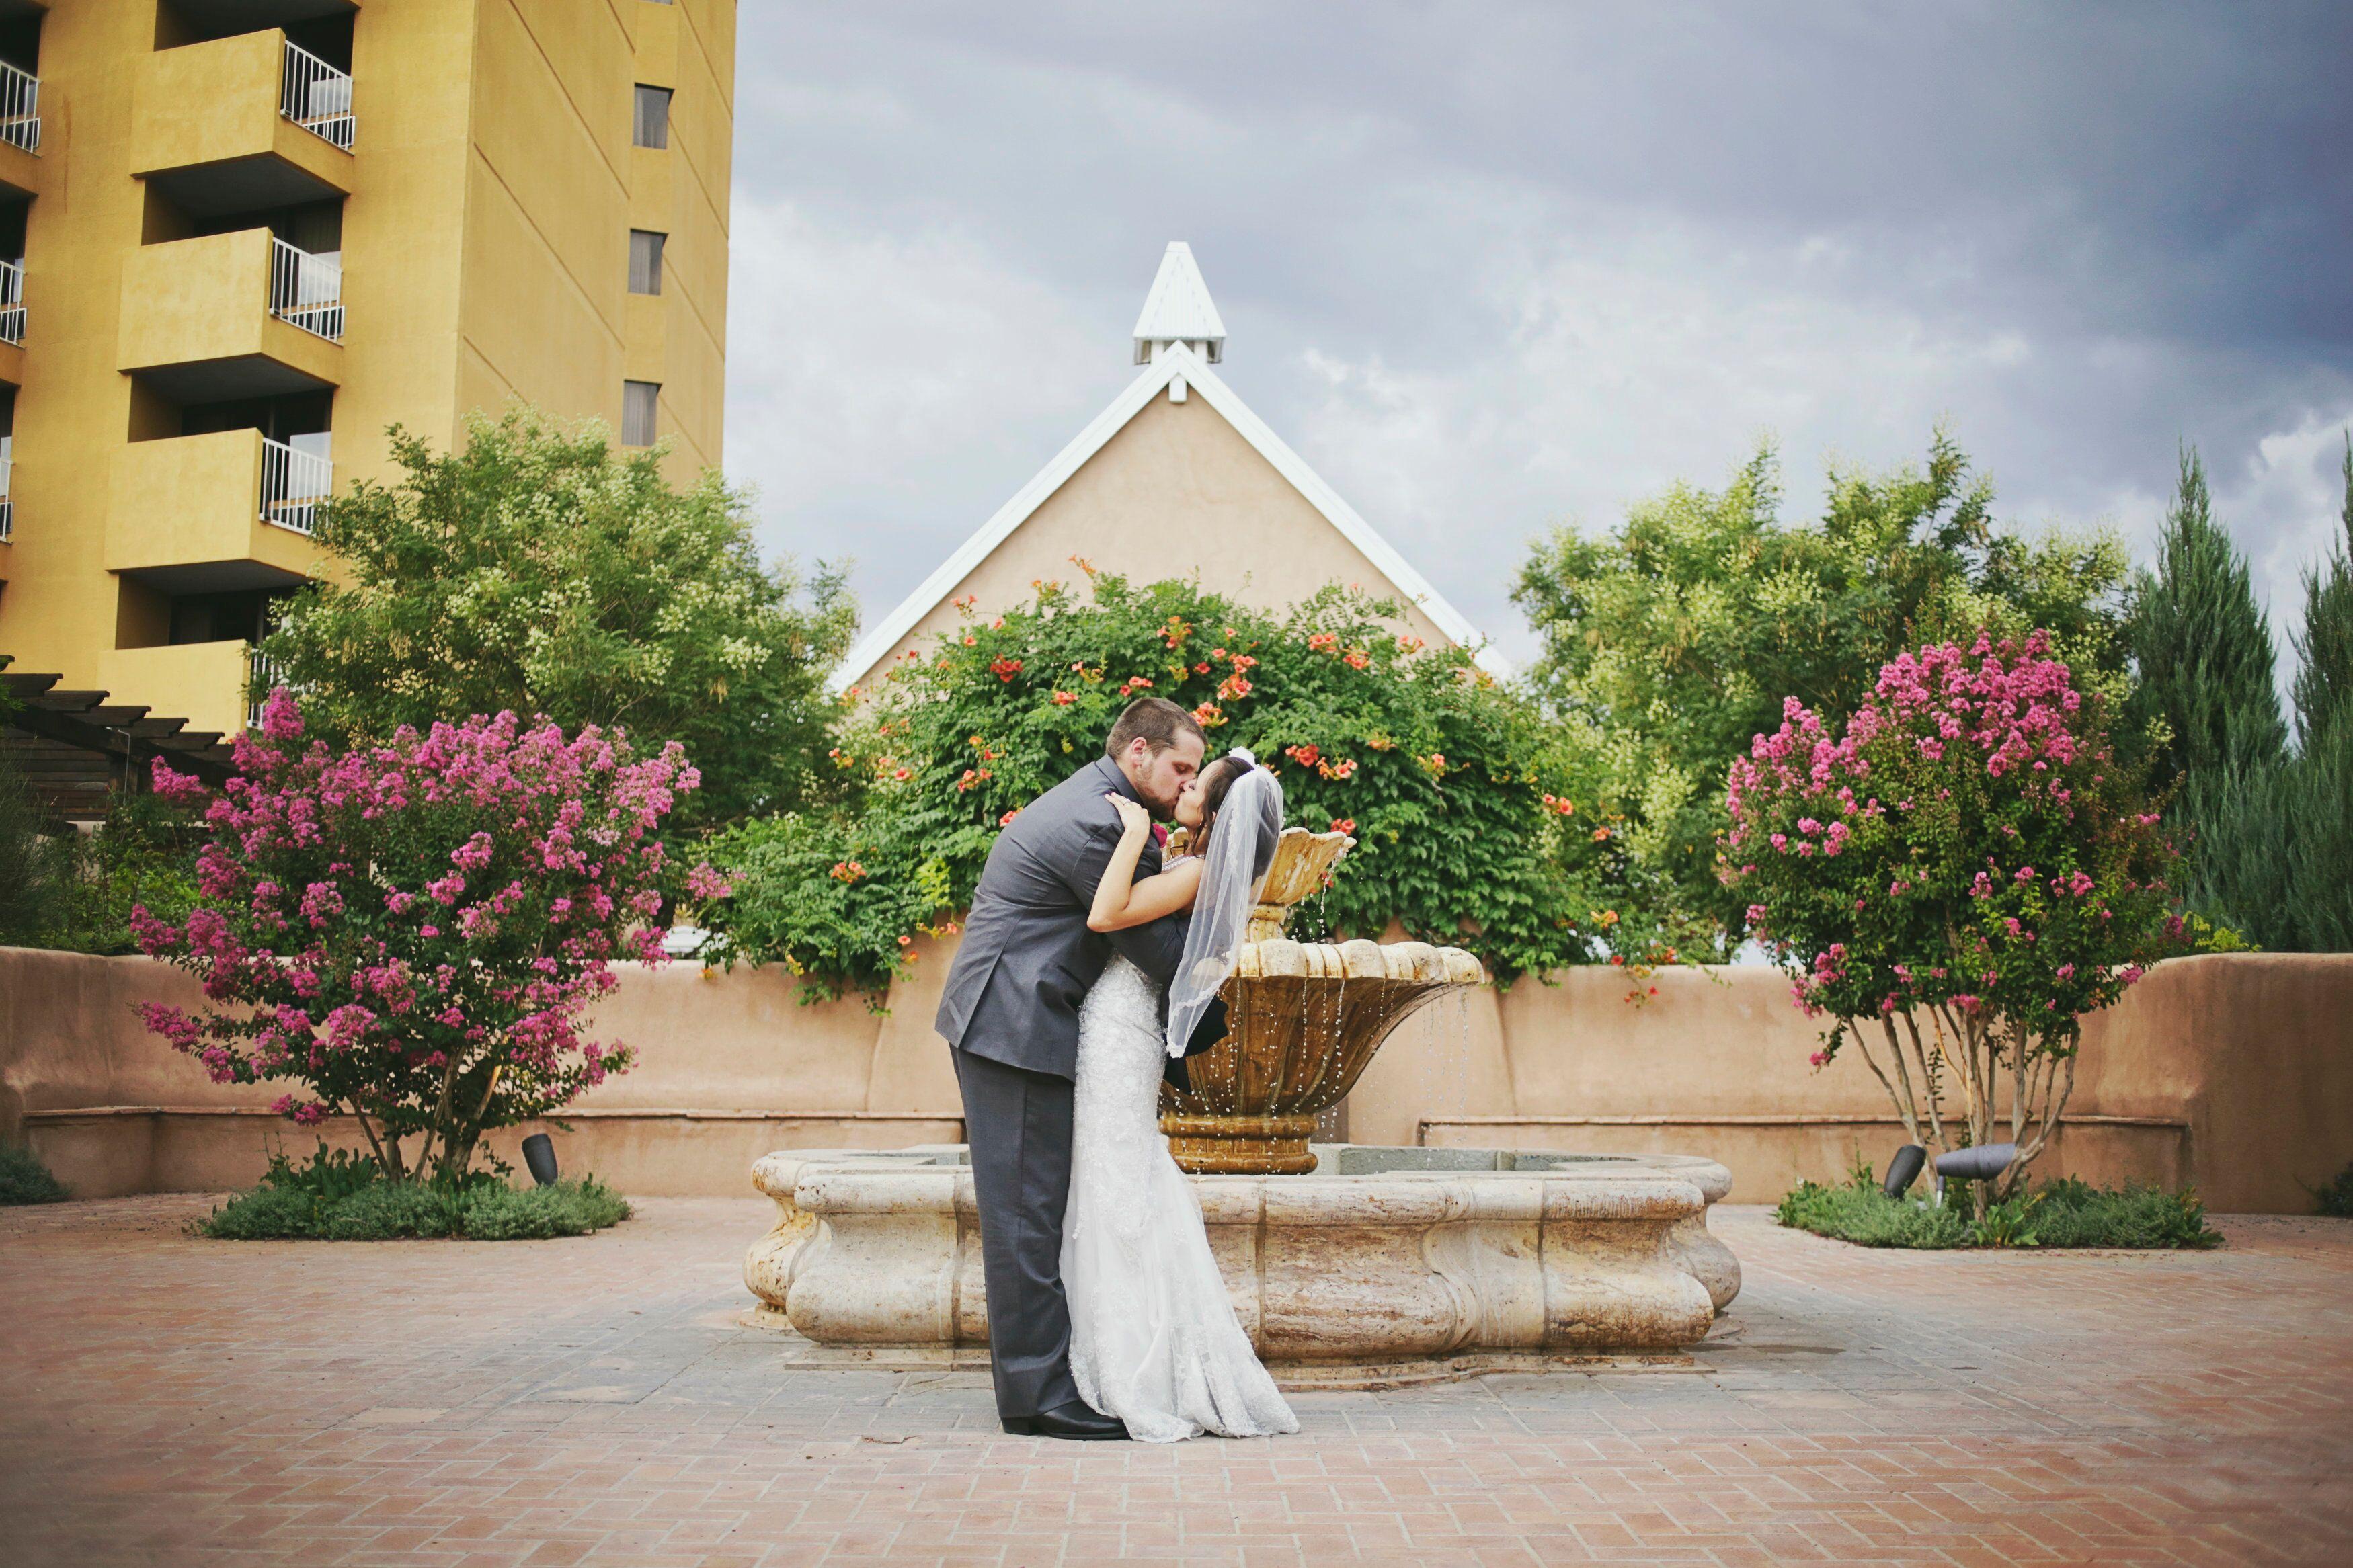 Wedding Invitations Albuquerque: Hotel Albuquerque At Old Town